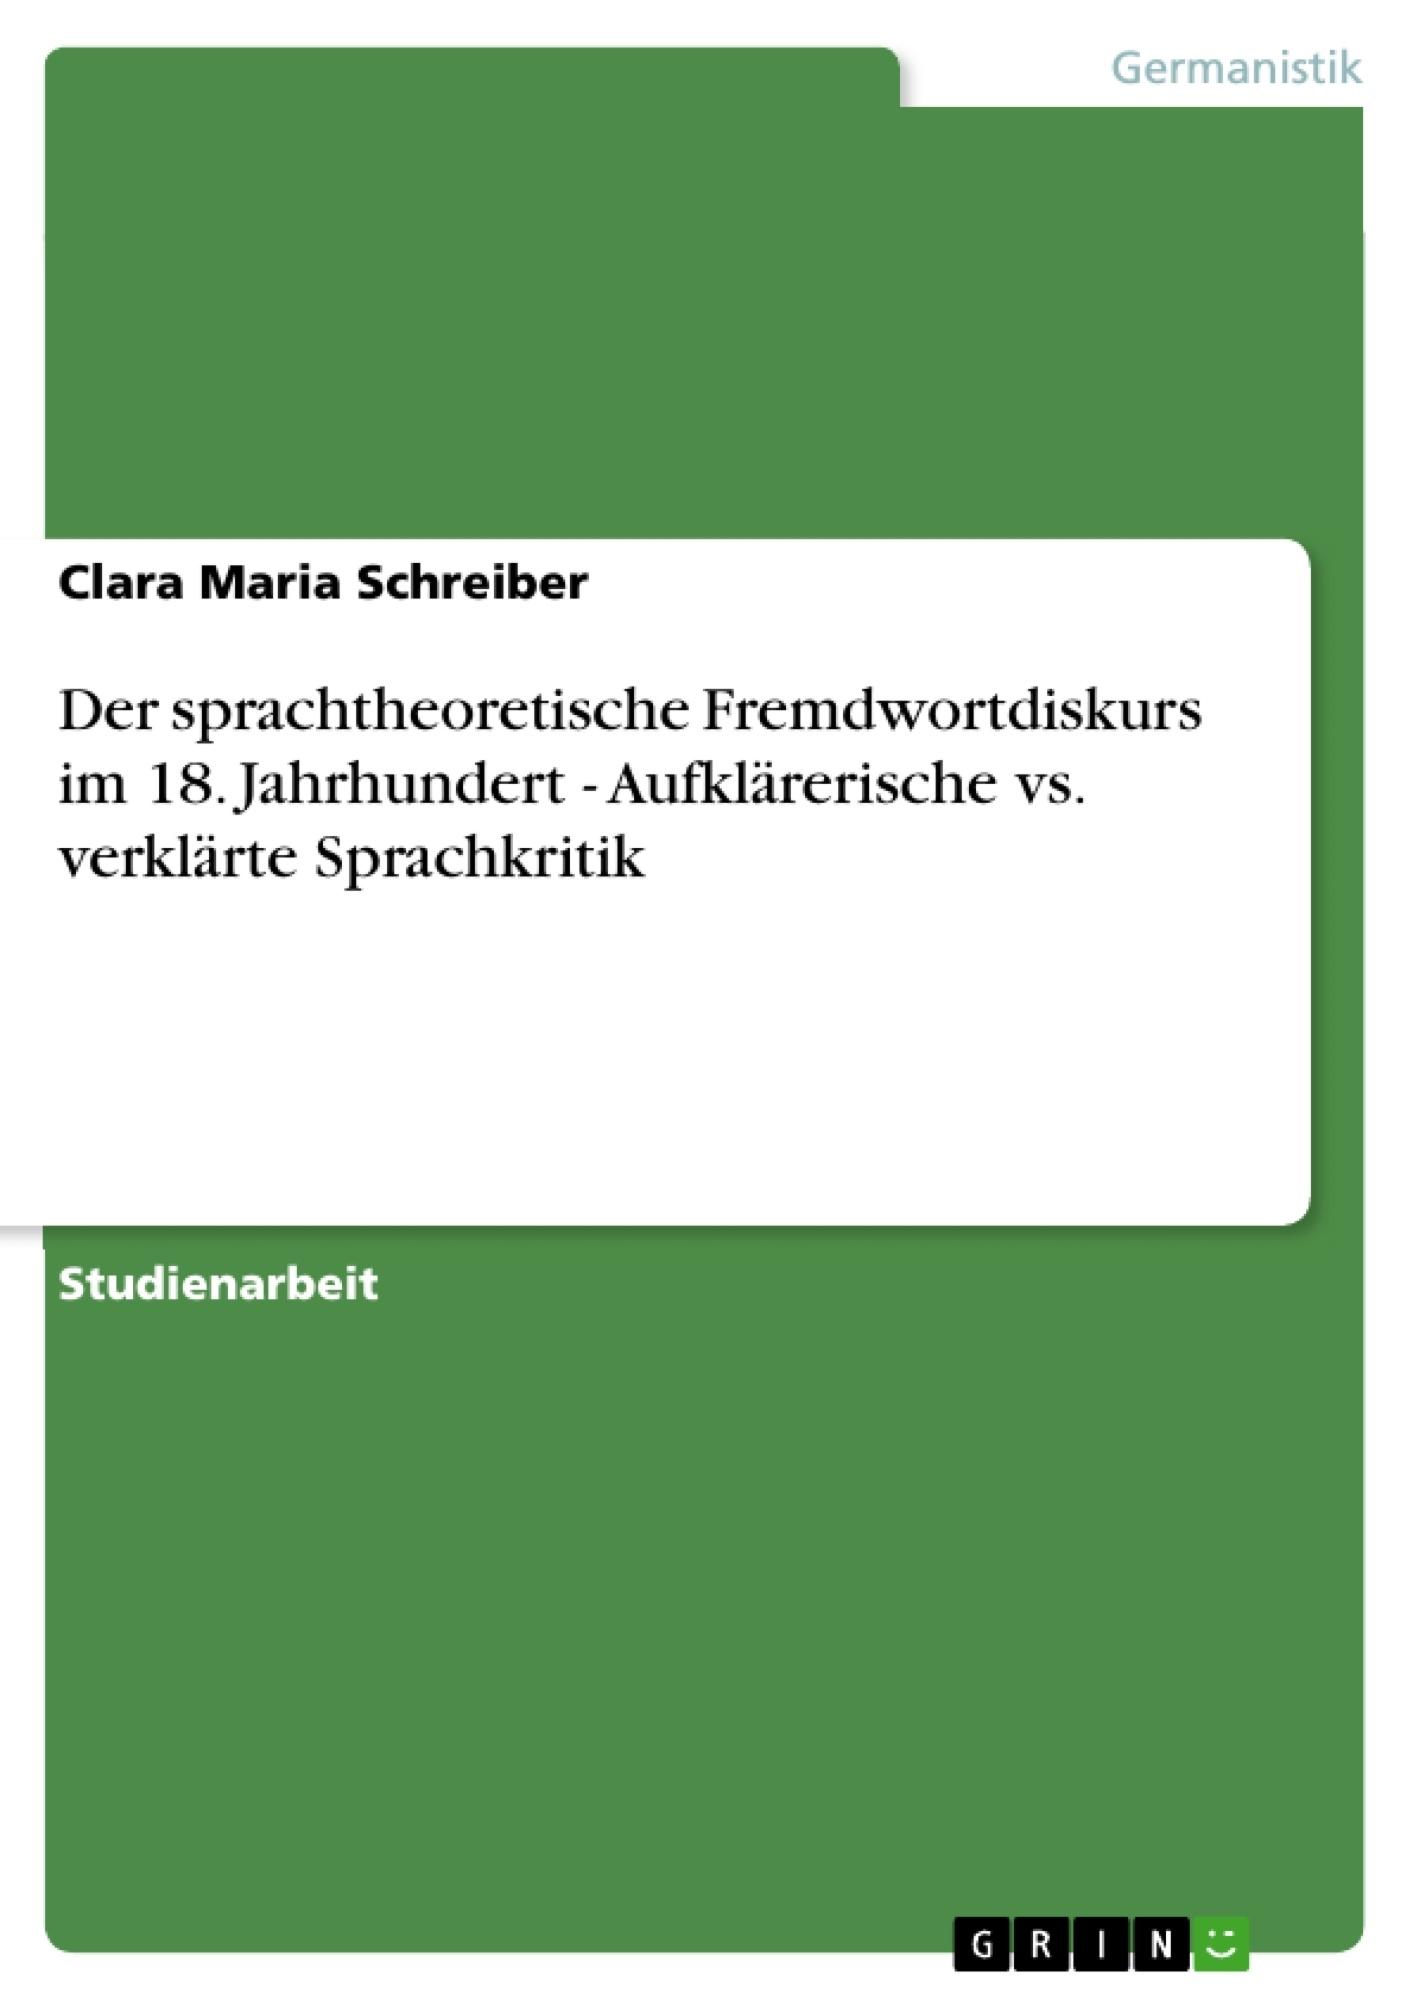 Titel: Der sprachtheoretische Fremdwortdiskurs im 18. Jahrhundert - Aufklärerische vs. verklärte Sprachkritik